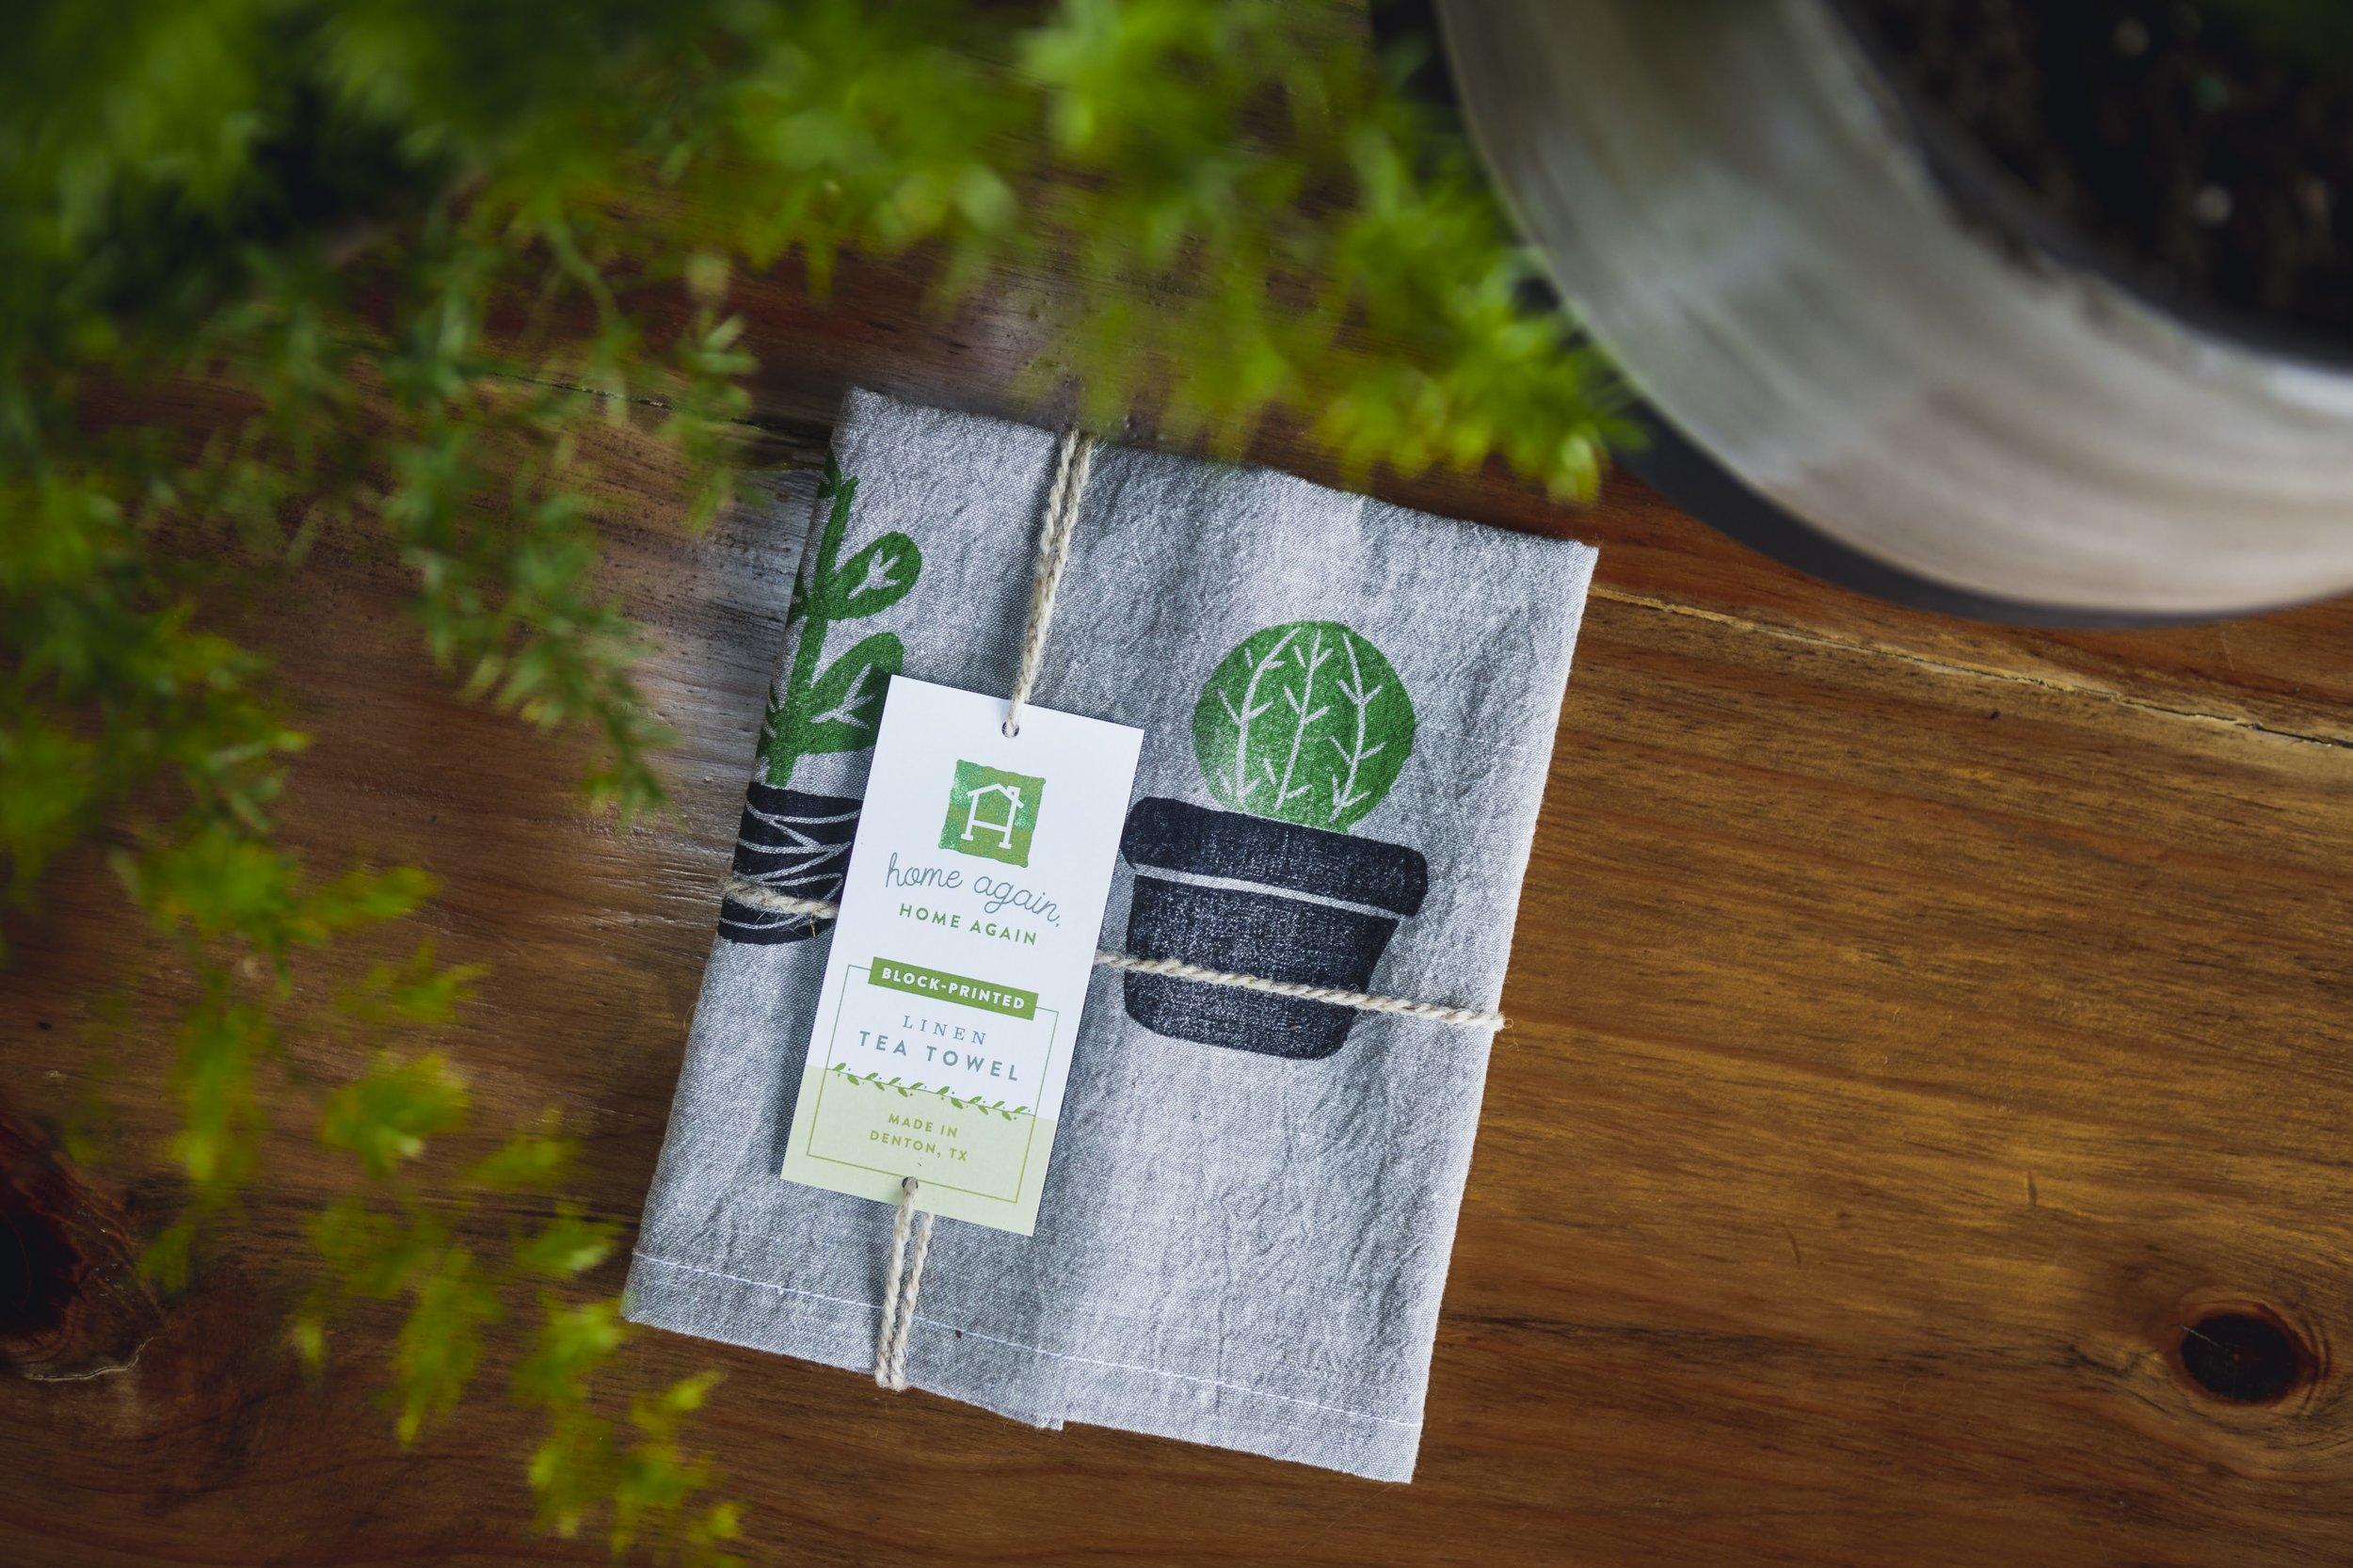 Tea Towel Packaged POTTED PLANTS-2.jpg